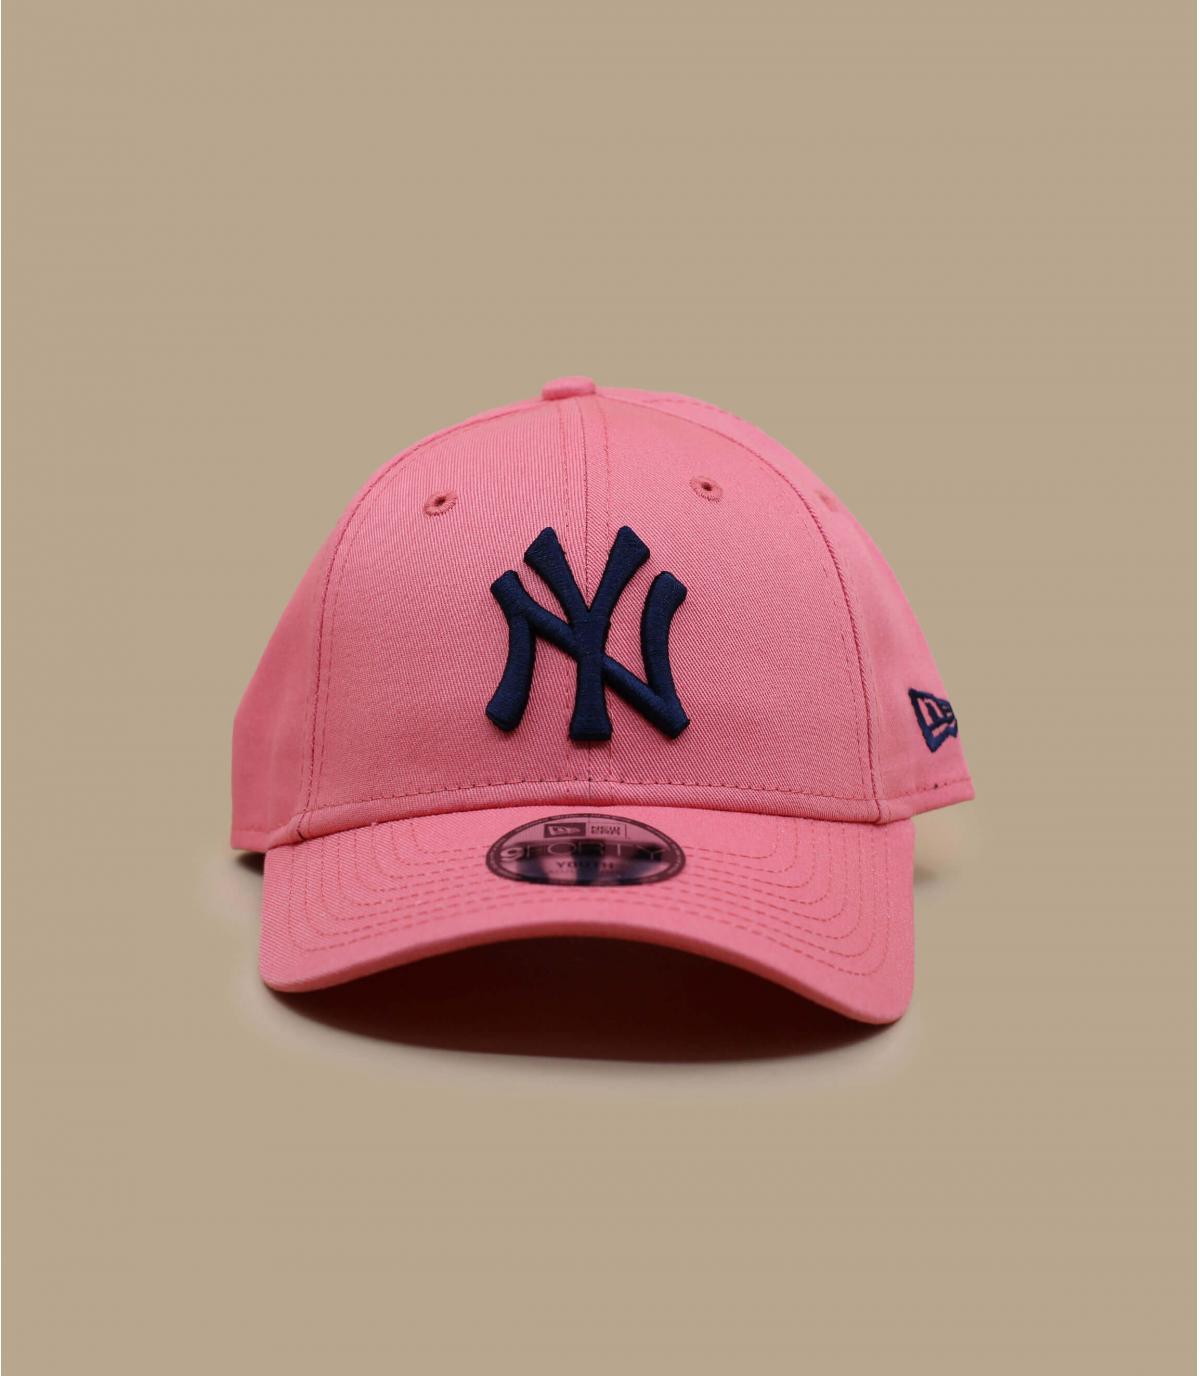 gorra NY niño rosa